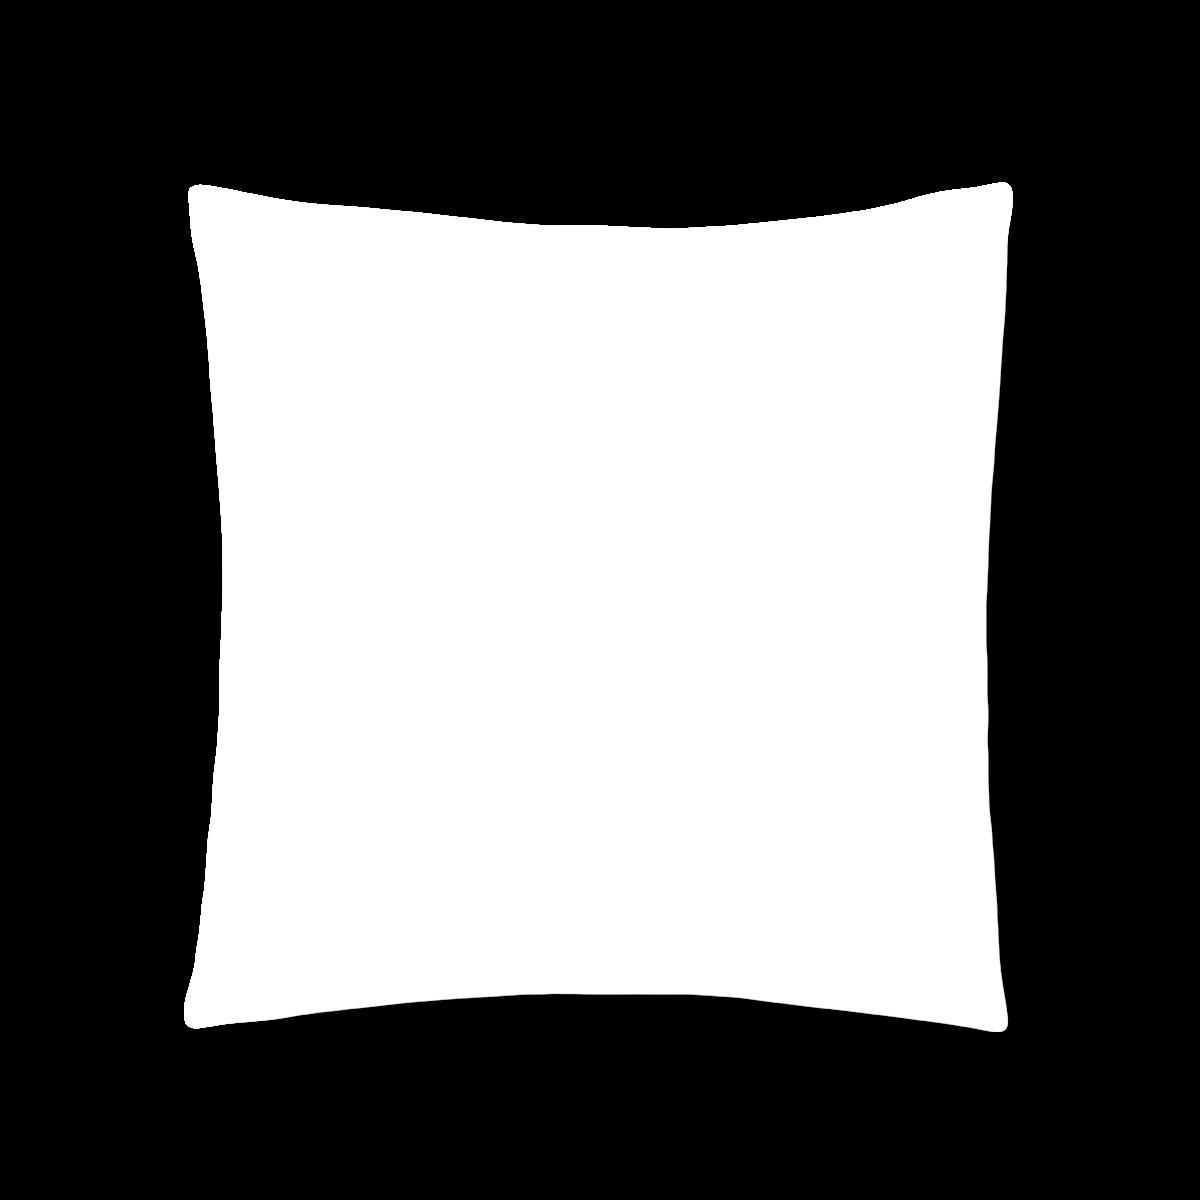 Coussin Synthétique Doux 41 x 41 cm Vetement mickey doigt d'honneur par Designer_TUNETOO